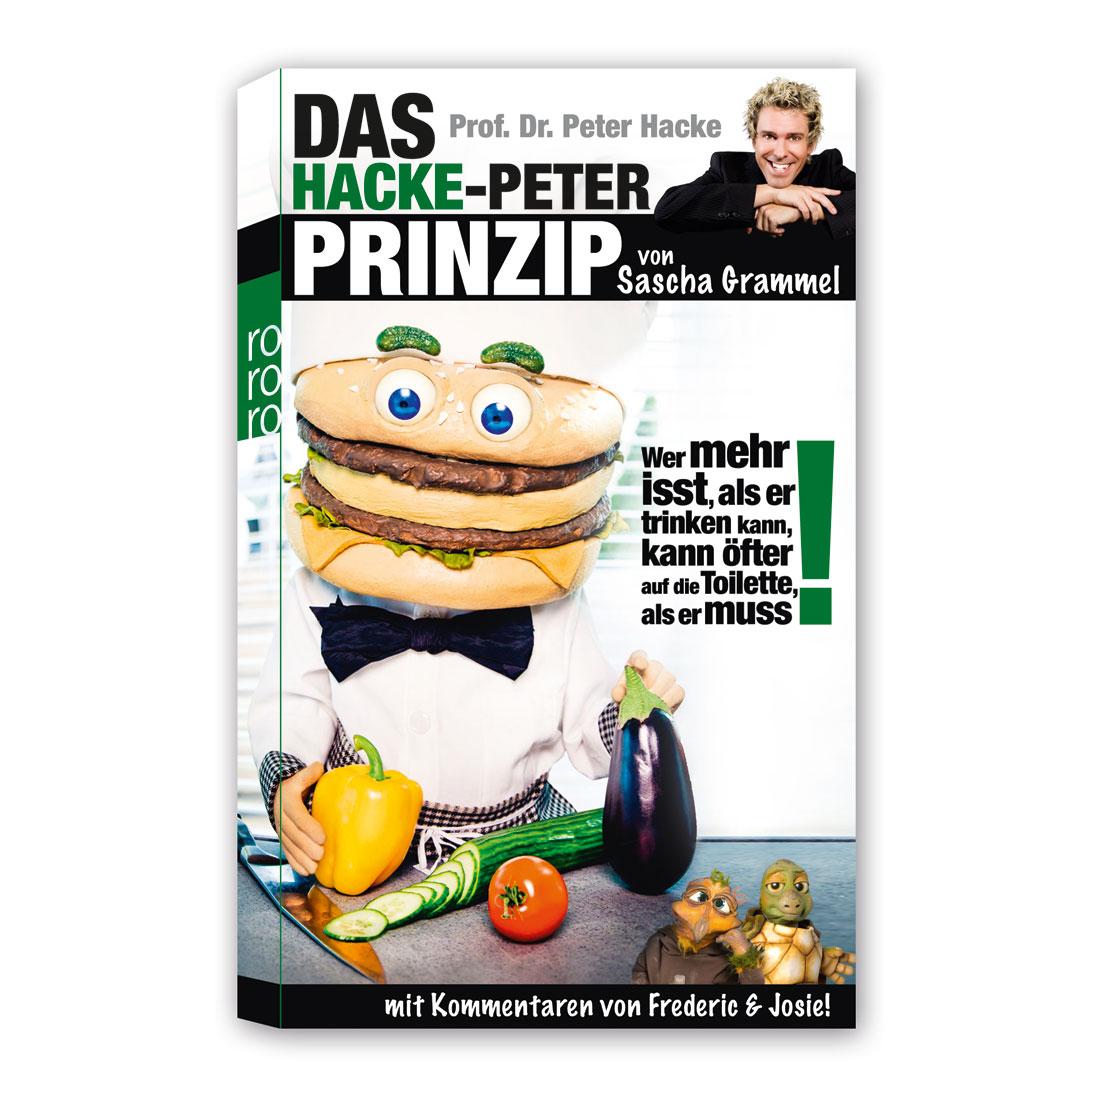 Das Hacke-Peter-Prinzip von Sascha Grammel - Buch jetzt im Sascha Grammel Shop